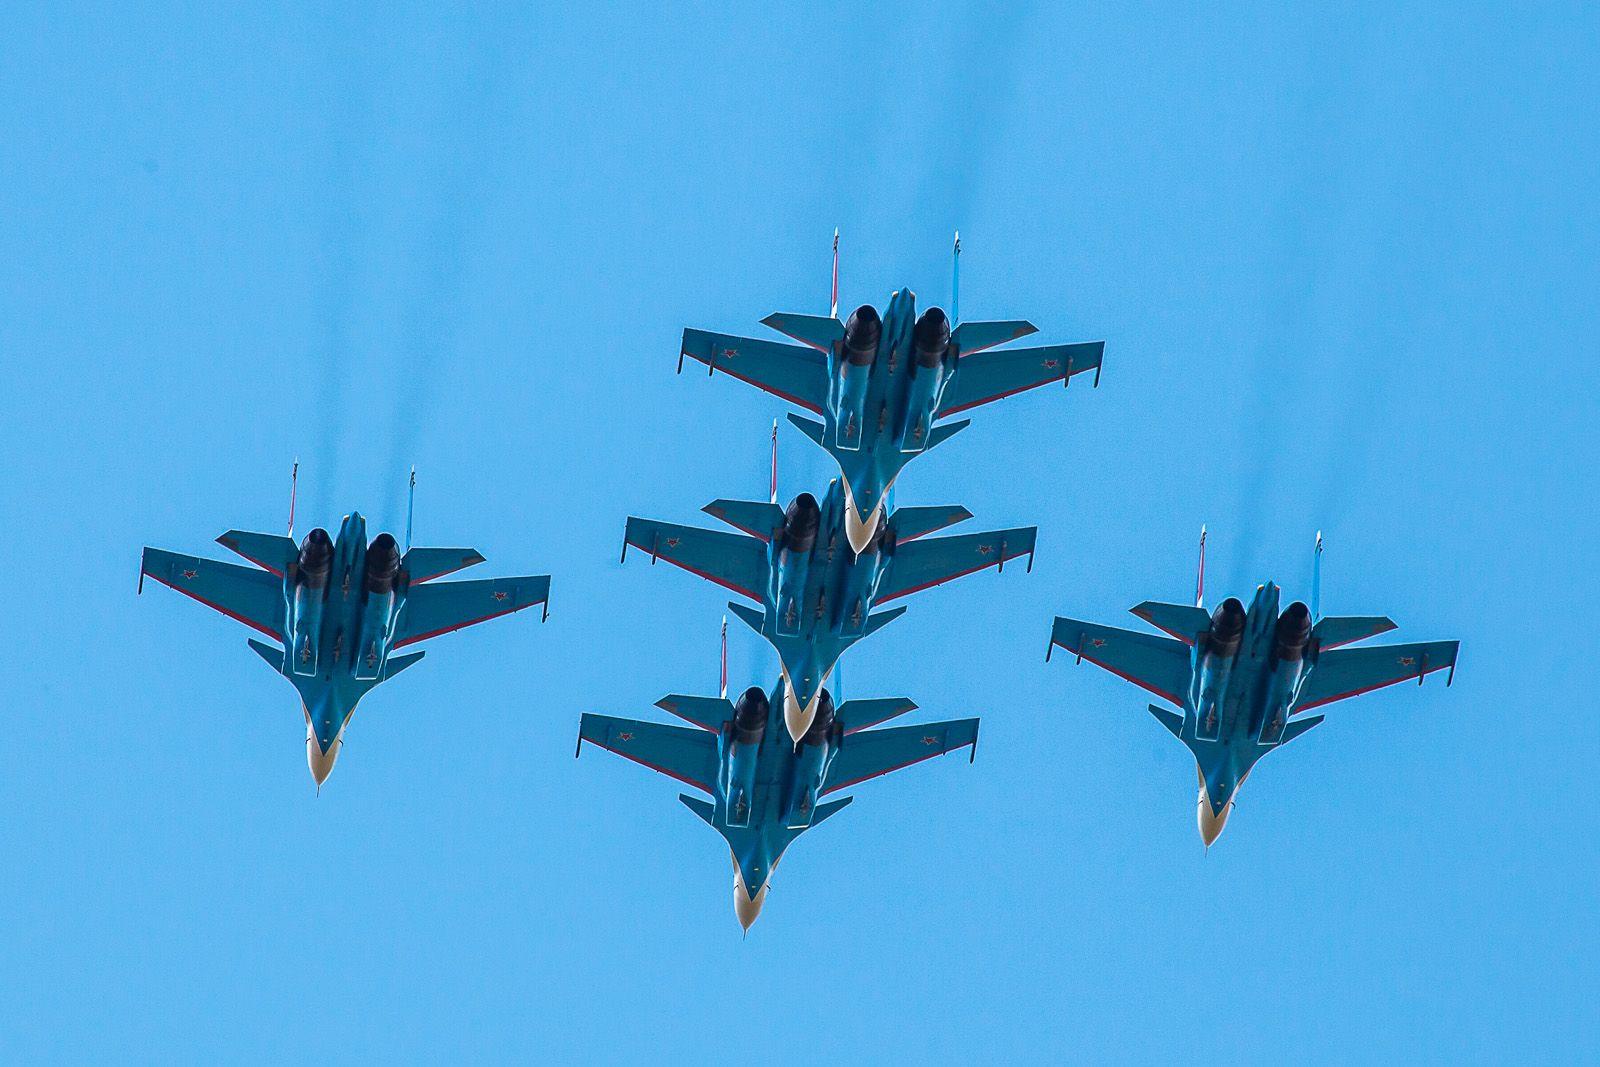 На Парад! авиабаза Кубинка Су-30СМ Победа репетиция